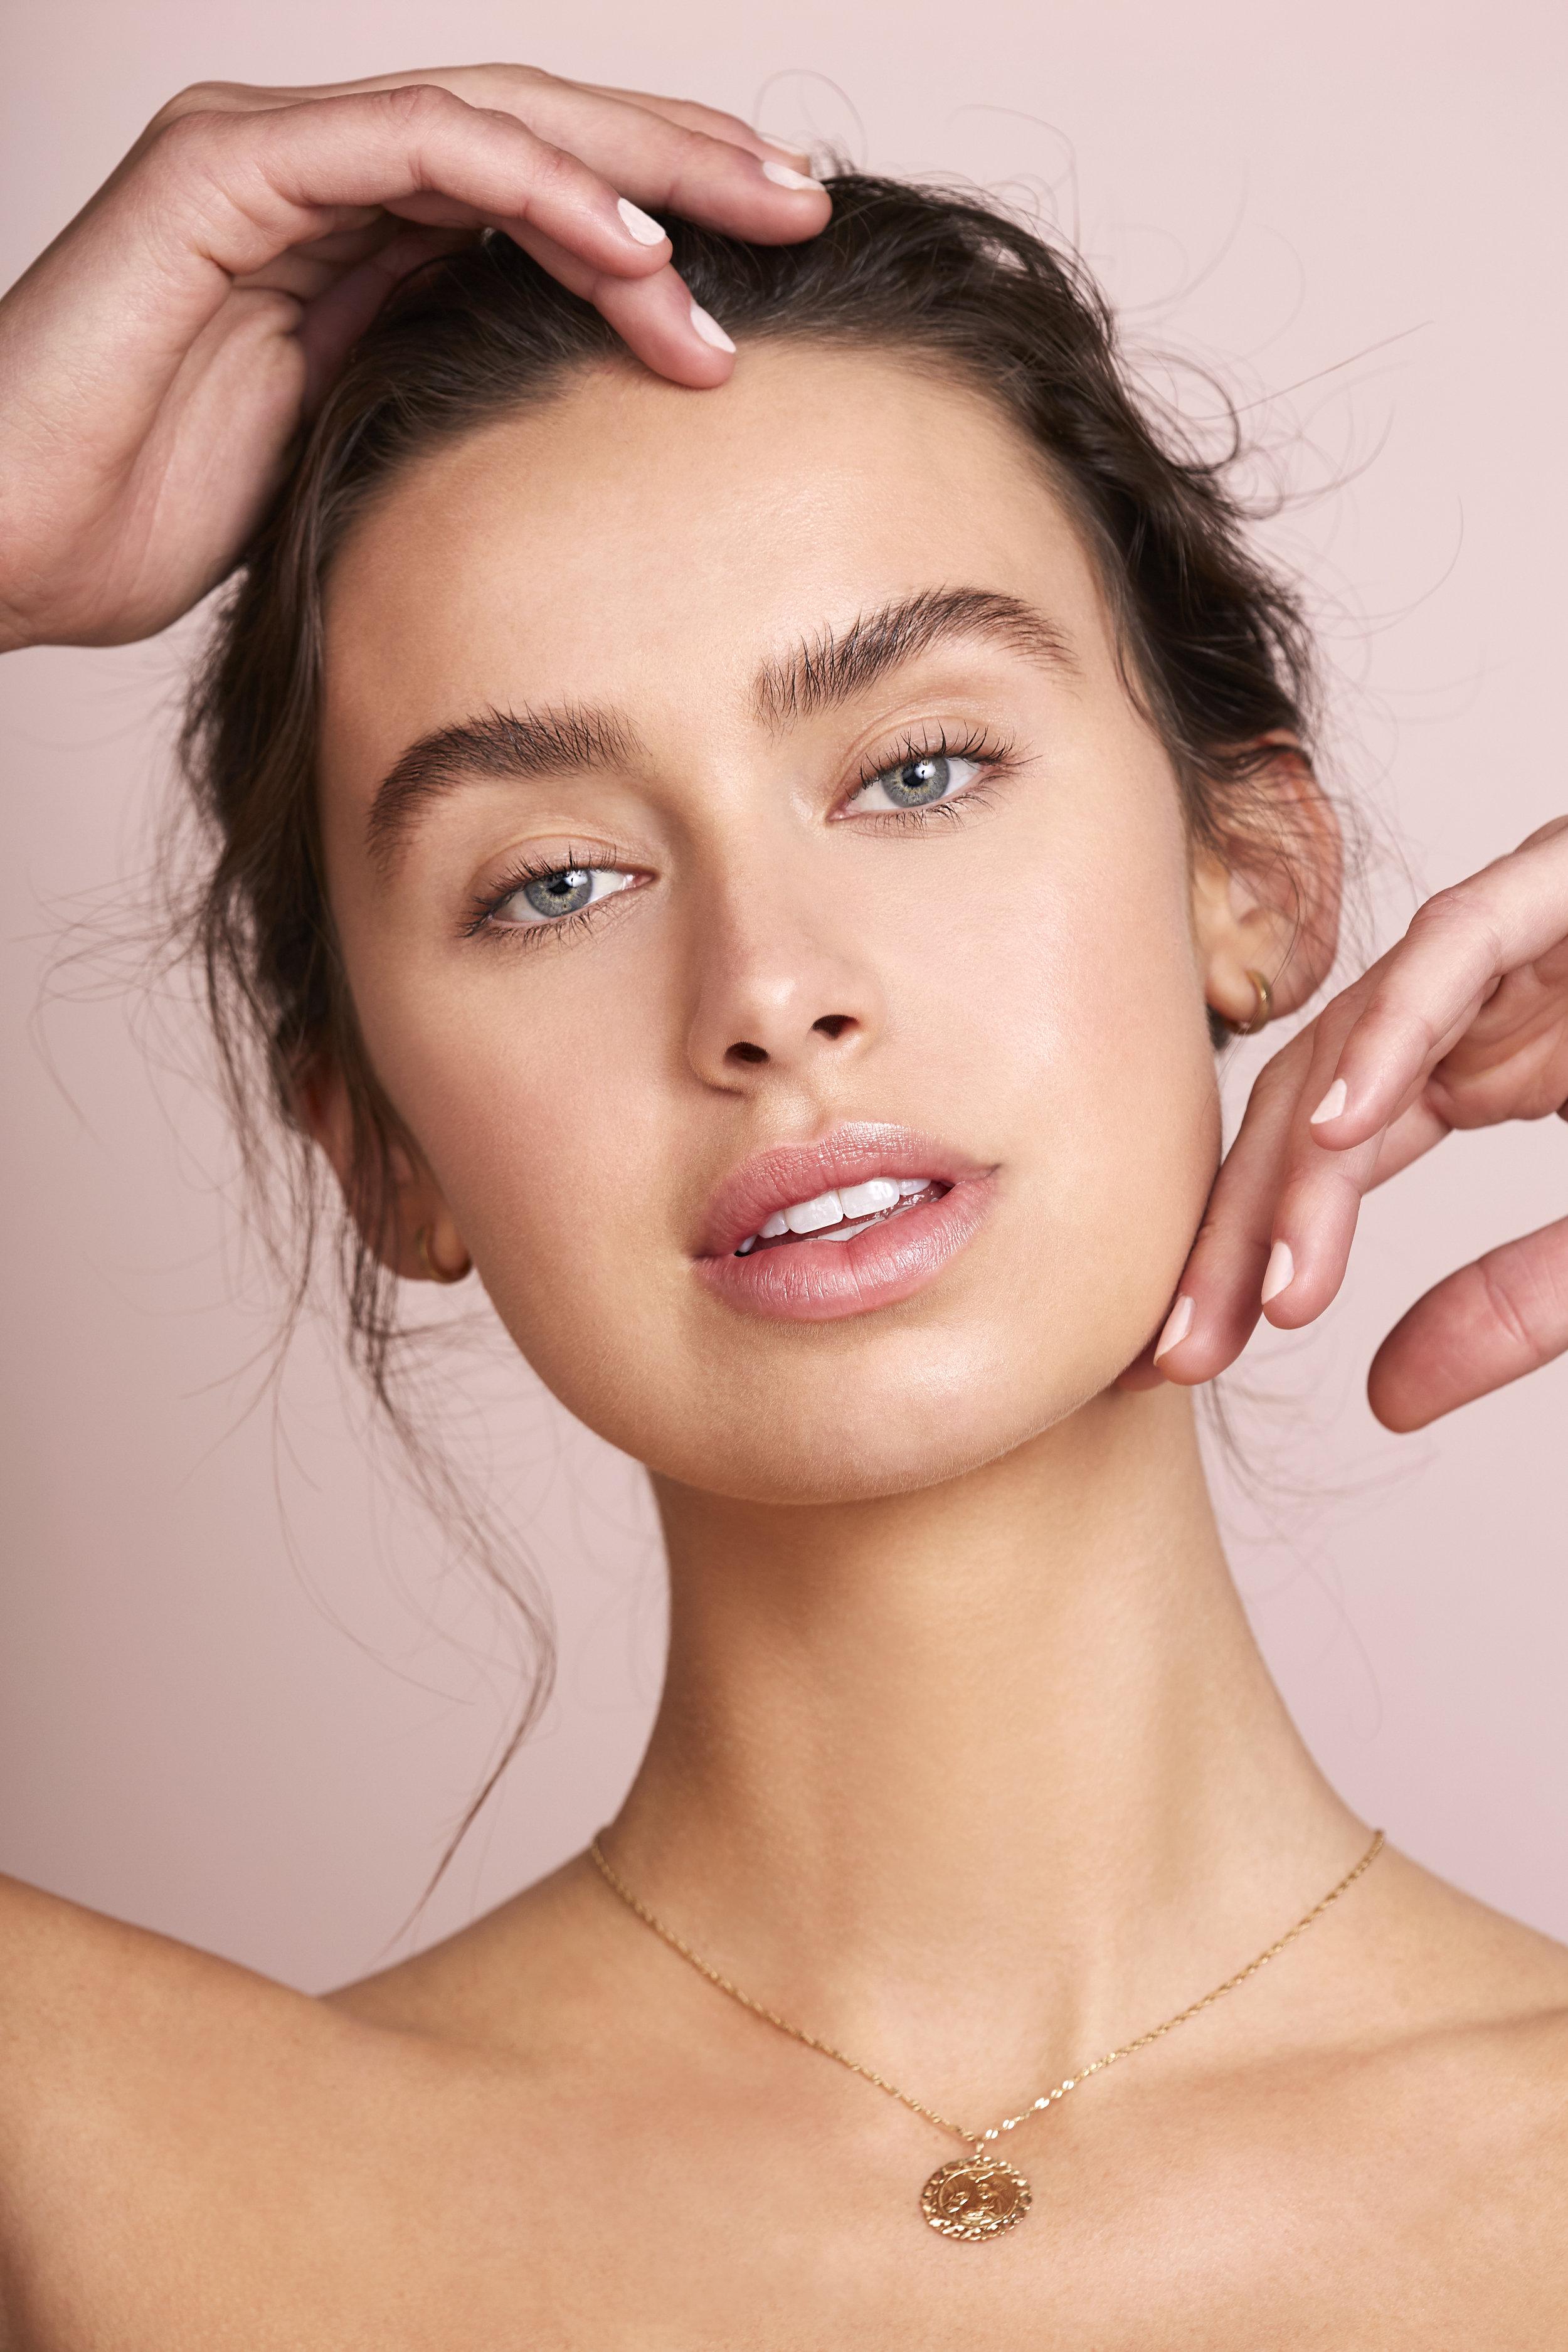 Bethany_Johnson_Editorial_Beauty_Make_Up_Natural.jpg